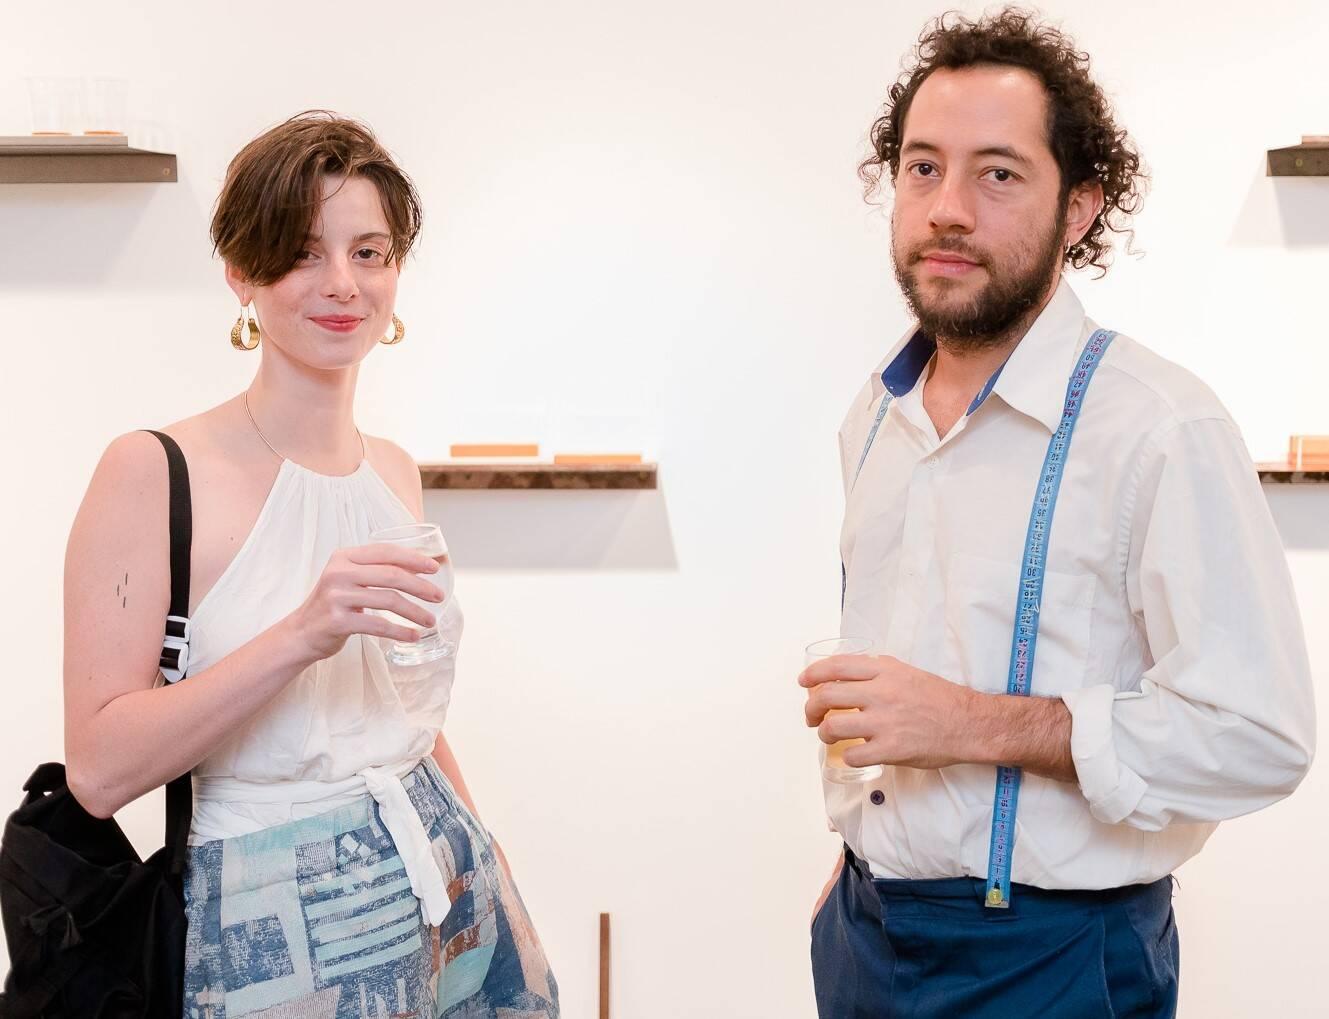 Ana Pigosso e Renato Custódio  /Foto: Bruno Ryfer